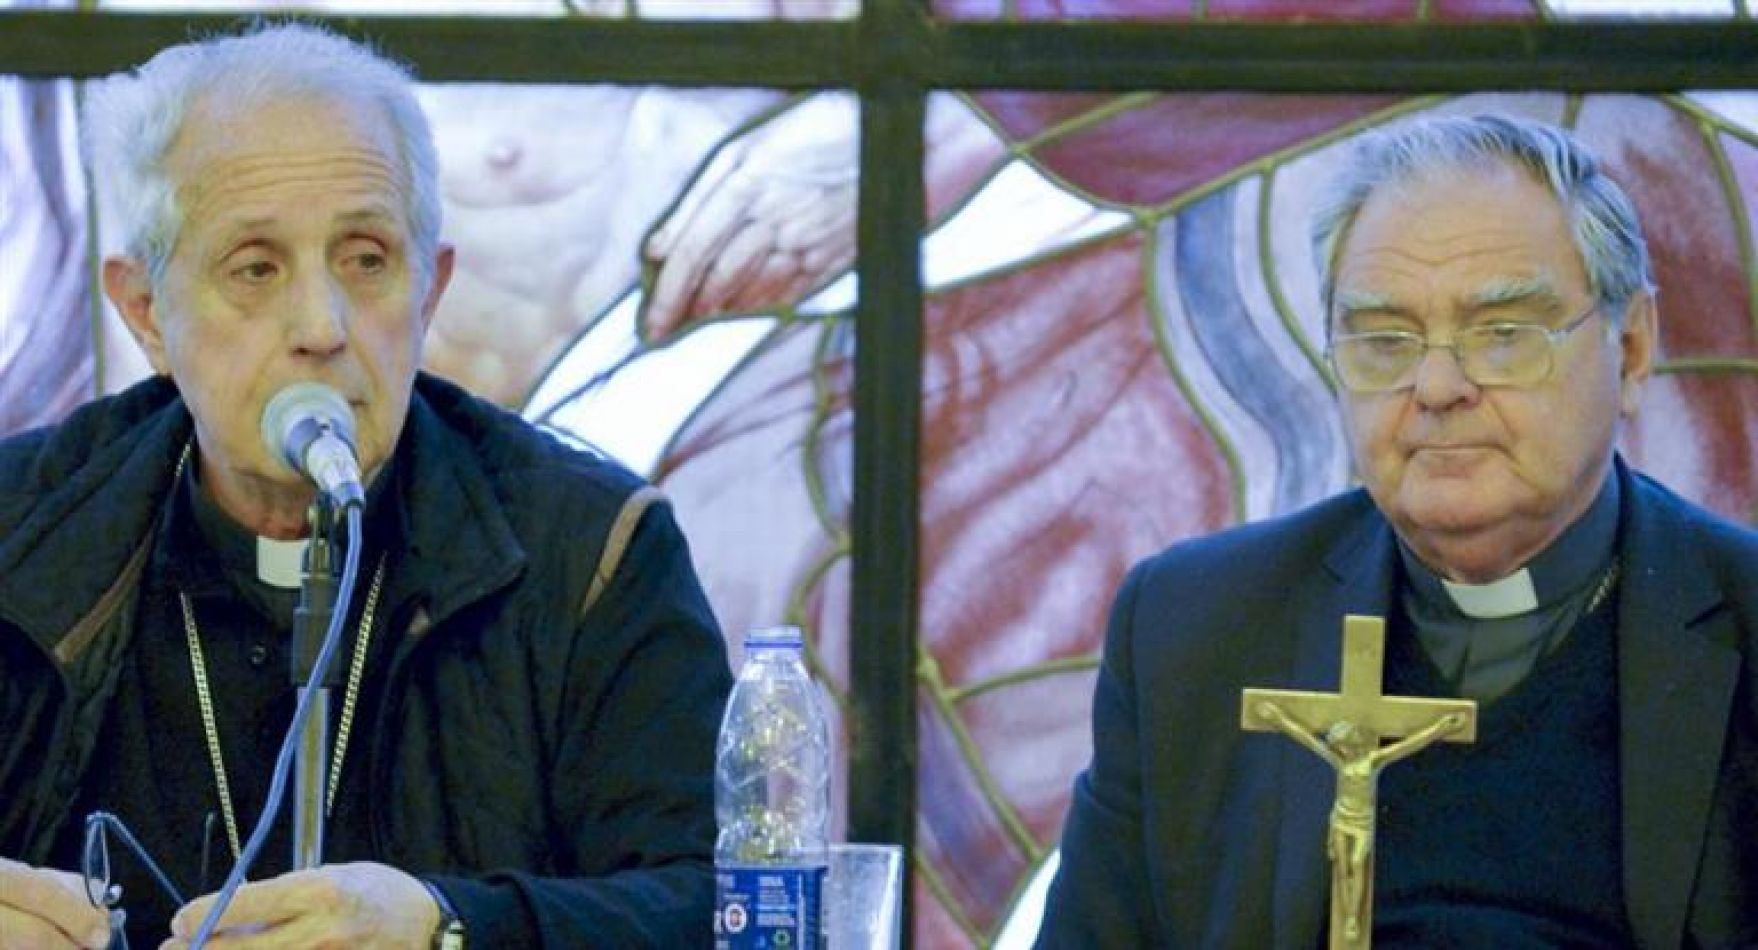 La Iglesia discute qué hará cuando los obispos dejen de recibir ayuda económica del Estado